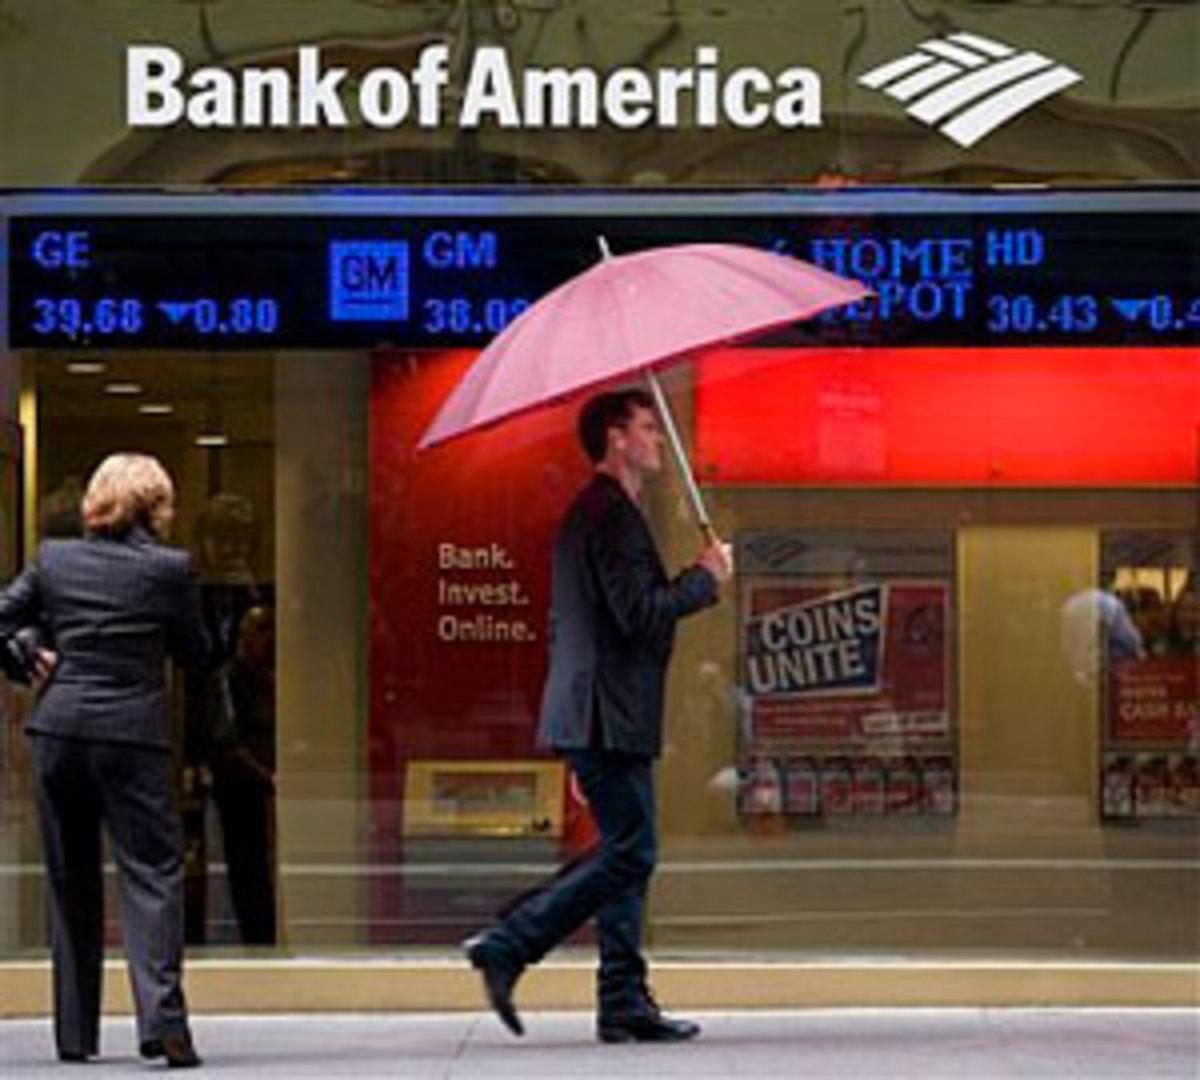 Νέες ζημιές στη Bank of America